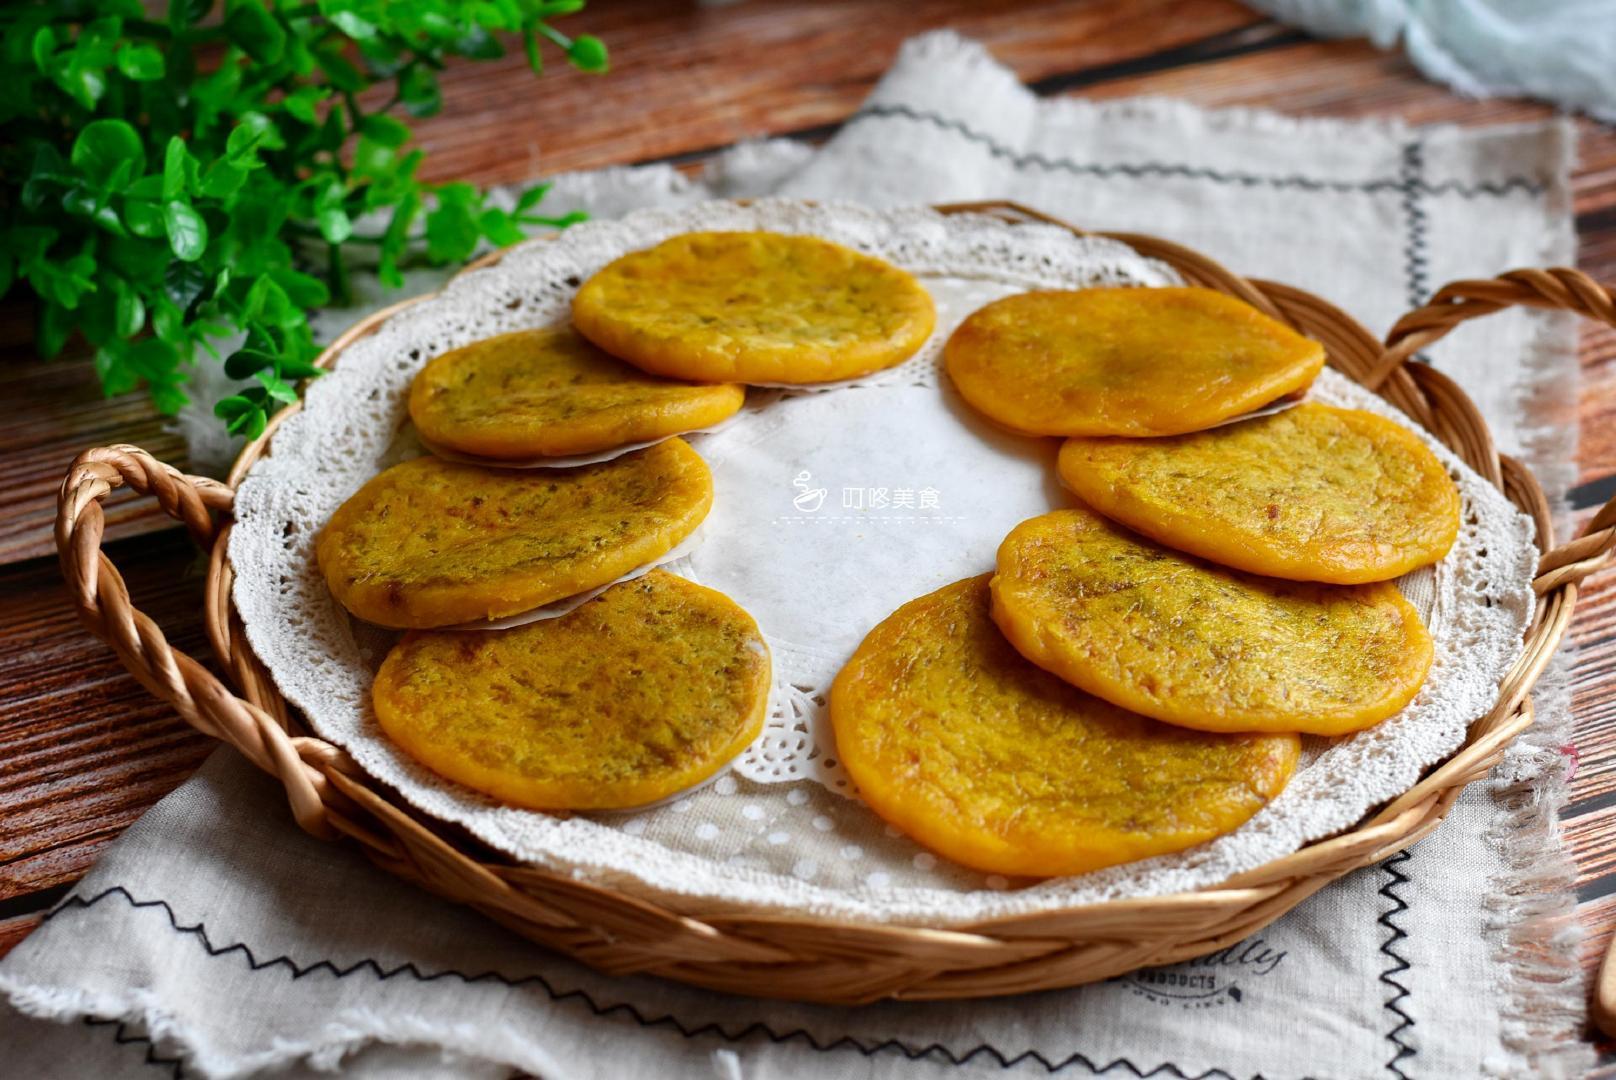 做南瓜饼时,别只会用面粉了!用它做,口感香甜软糯,越吃越想吃